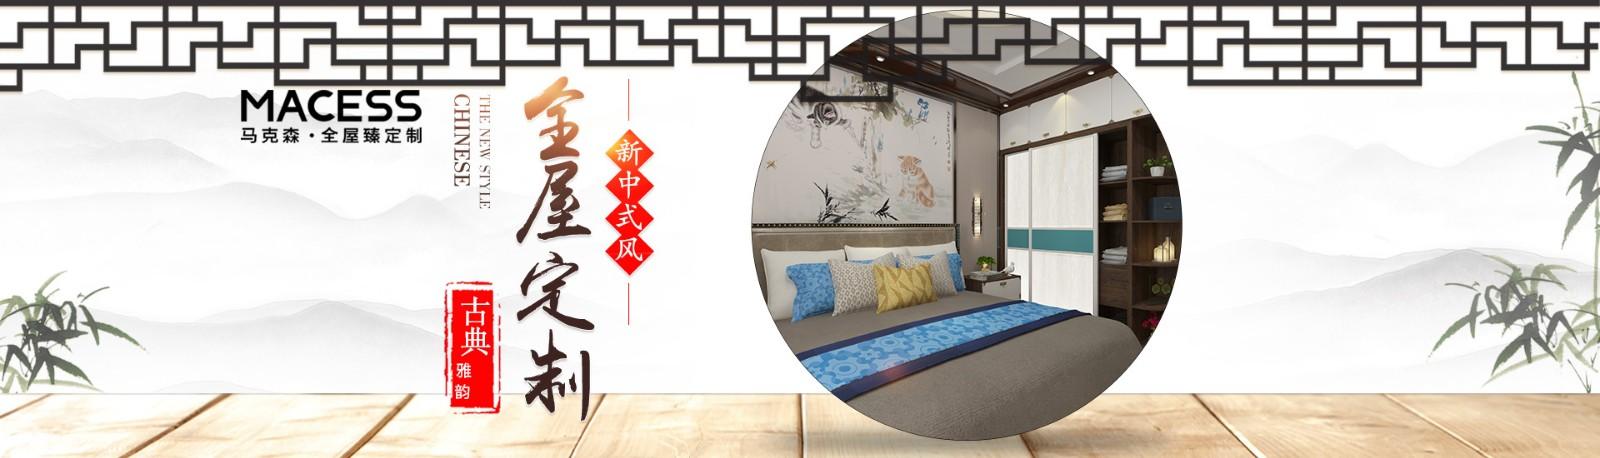 新中式系列古典雅韵风格